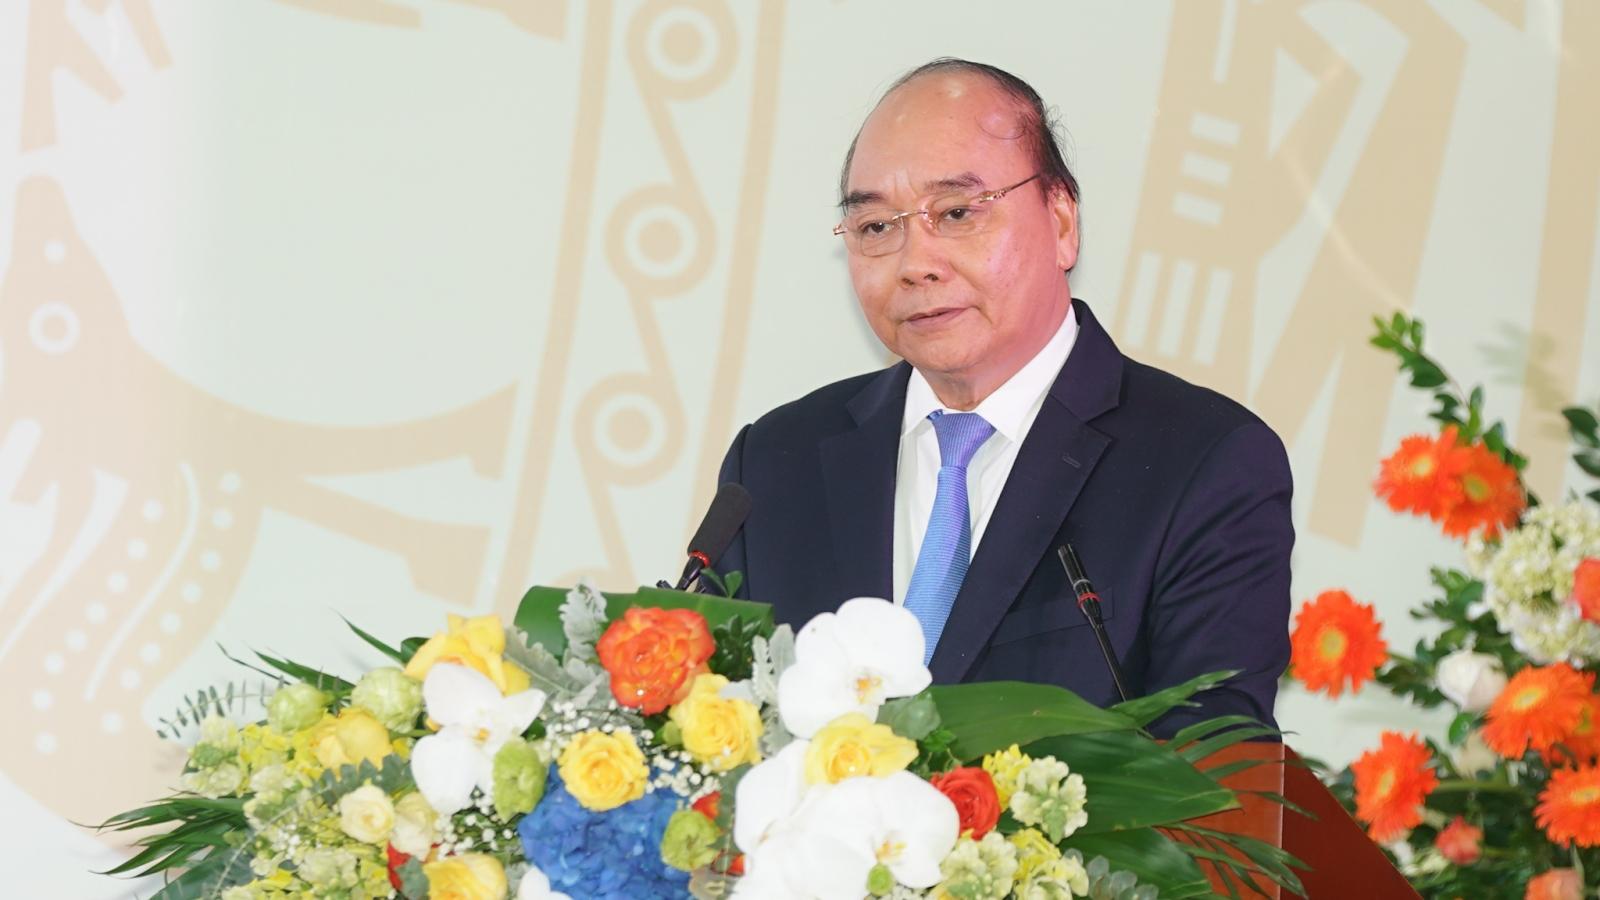 Thủ tướng: Đầu tư cho ngành KTTV trước một bước để phục vụ yêu cầu phát triển